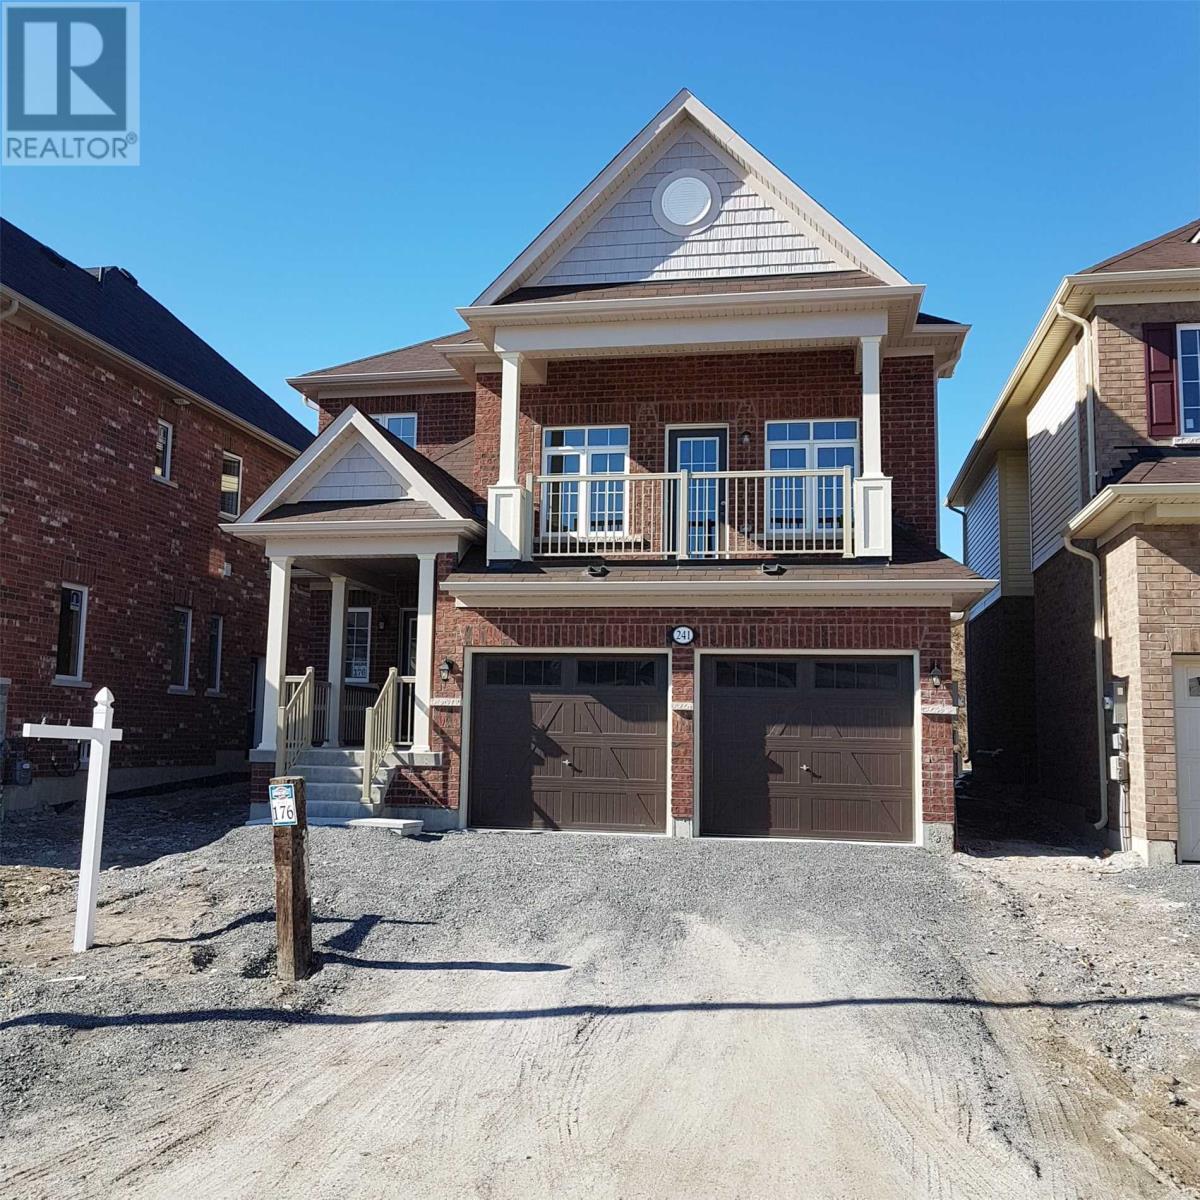 241 BRUCE CAMERON DR, clarington, Ontario